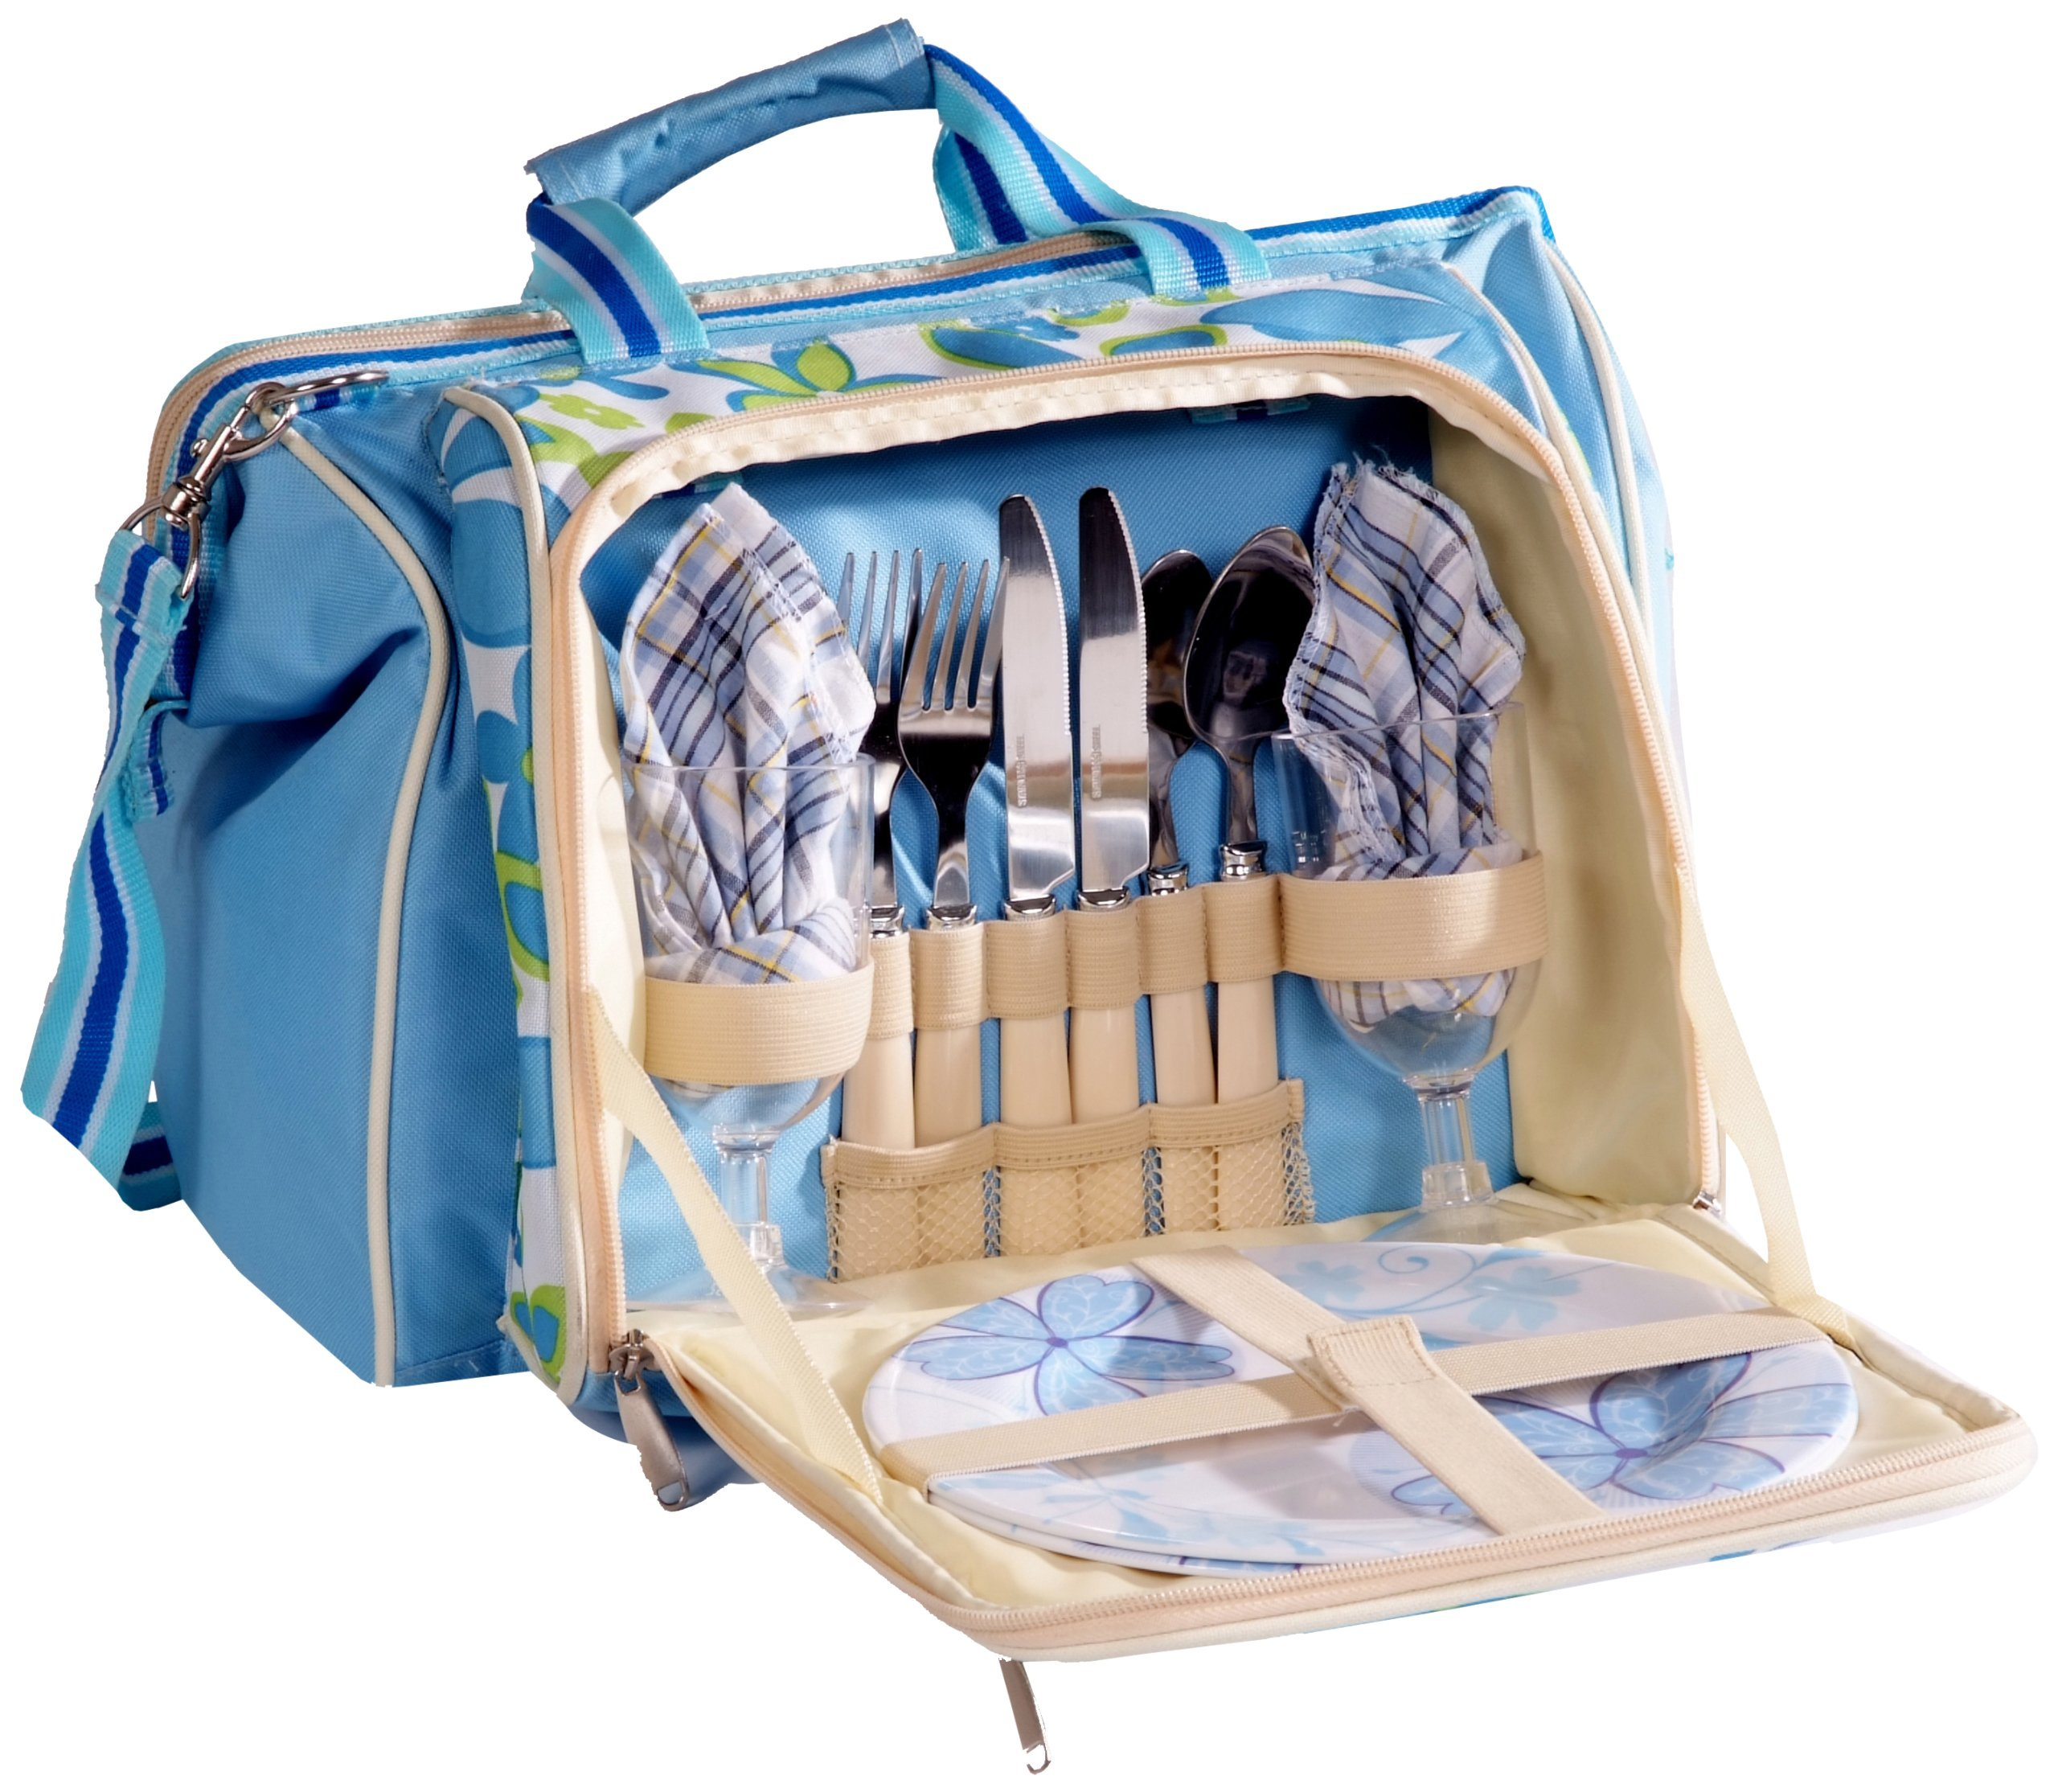 简介 车载软体冰箱是一种新型环保的电子冰箱,它采用先进的半导体制冷